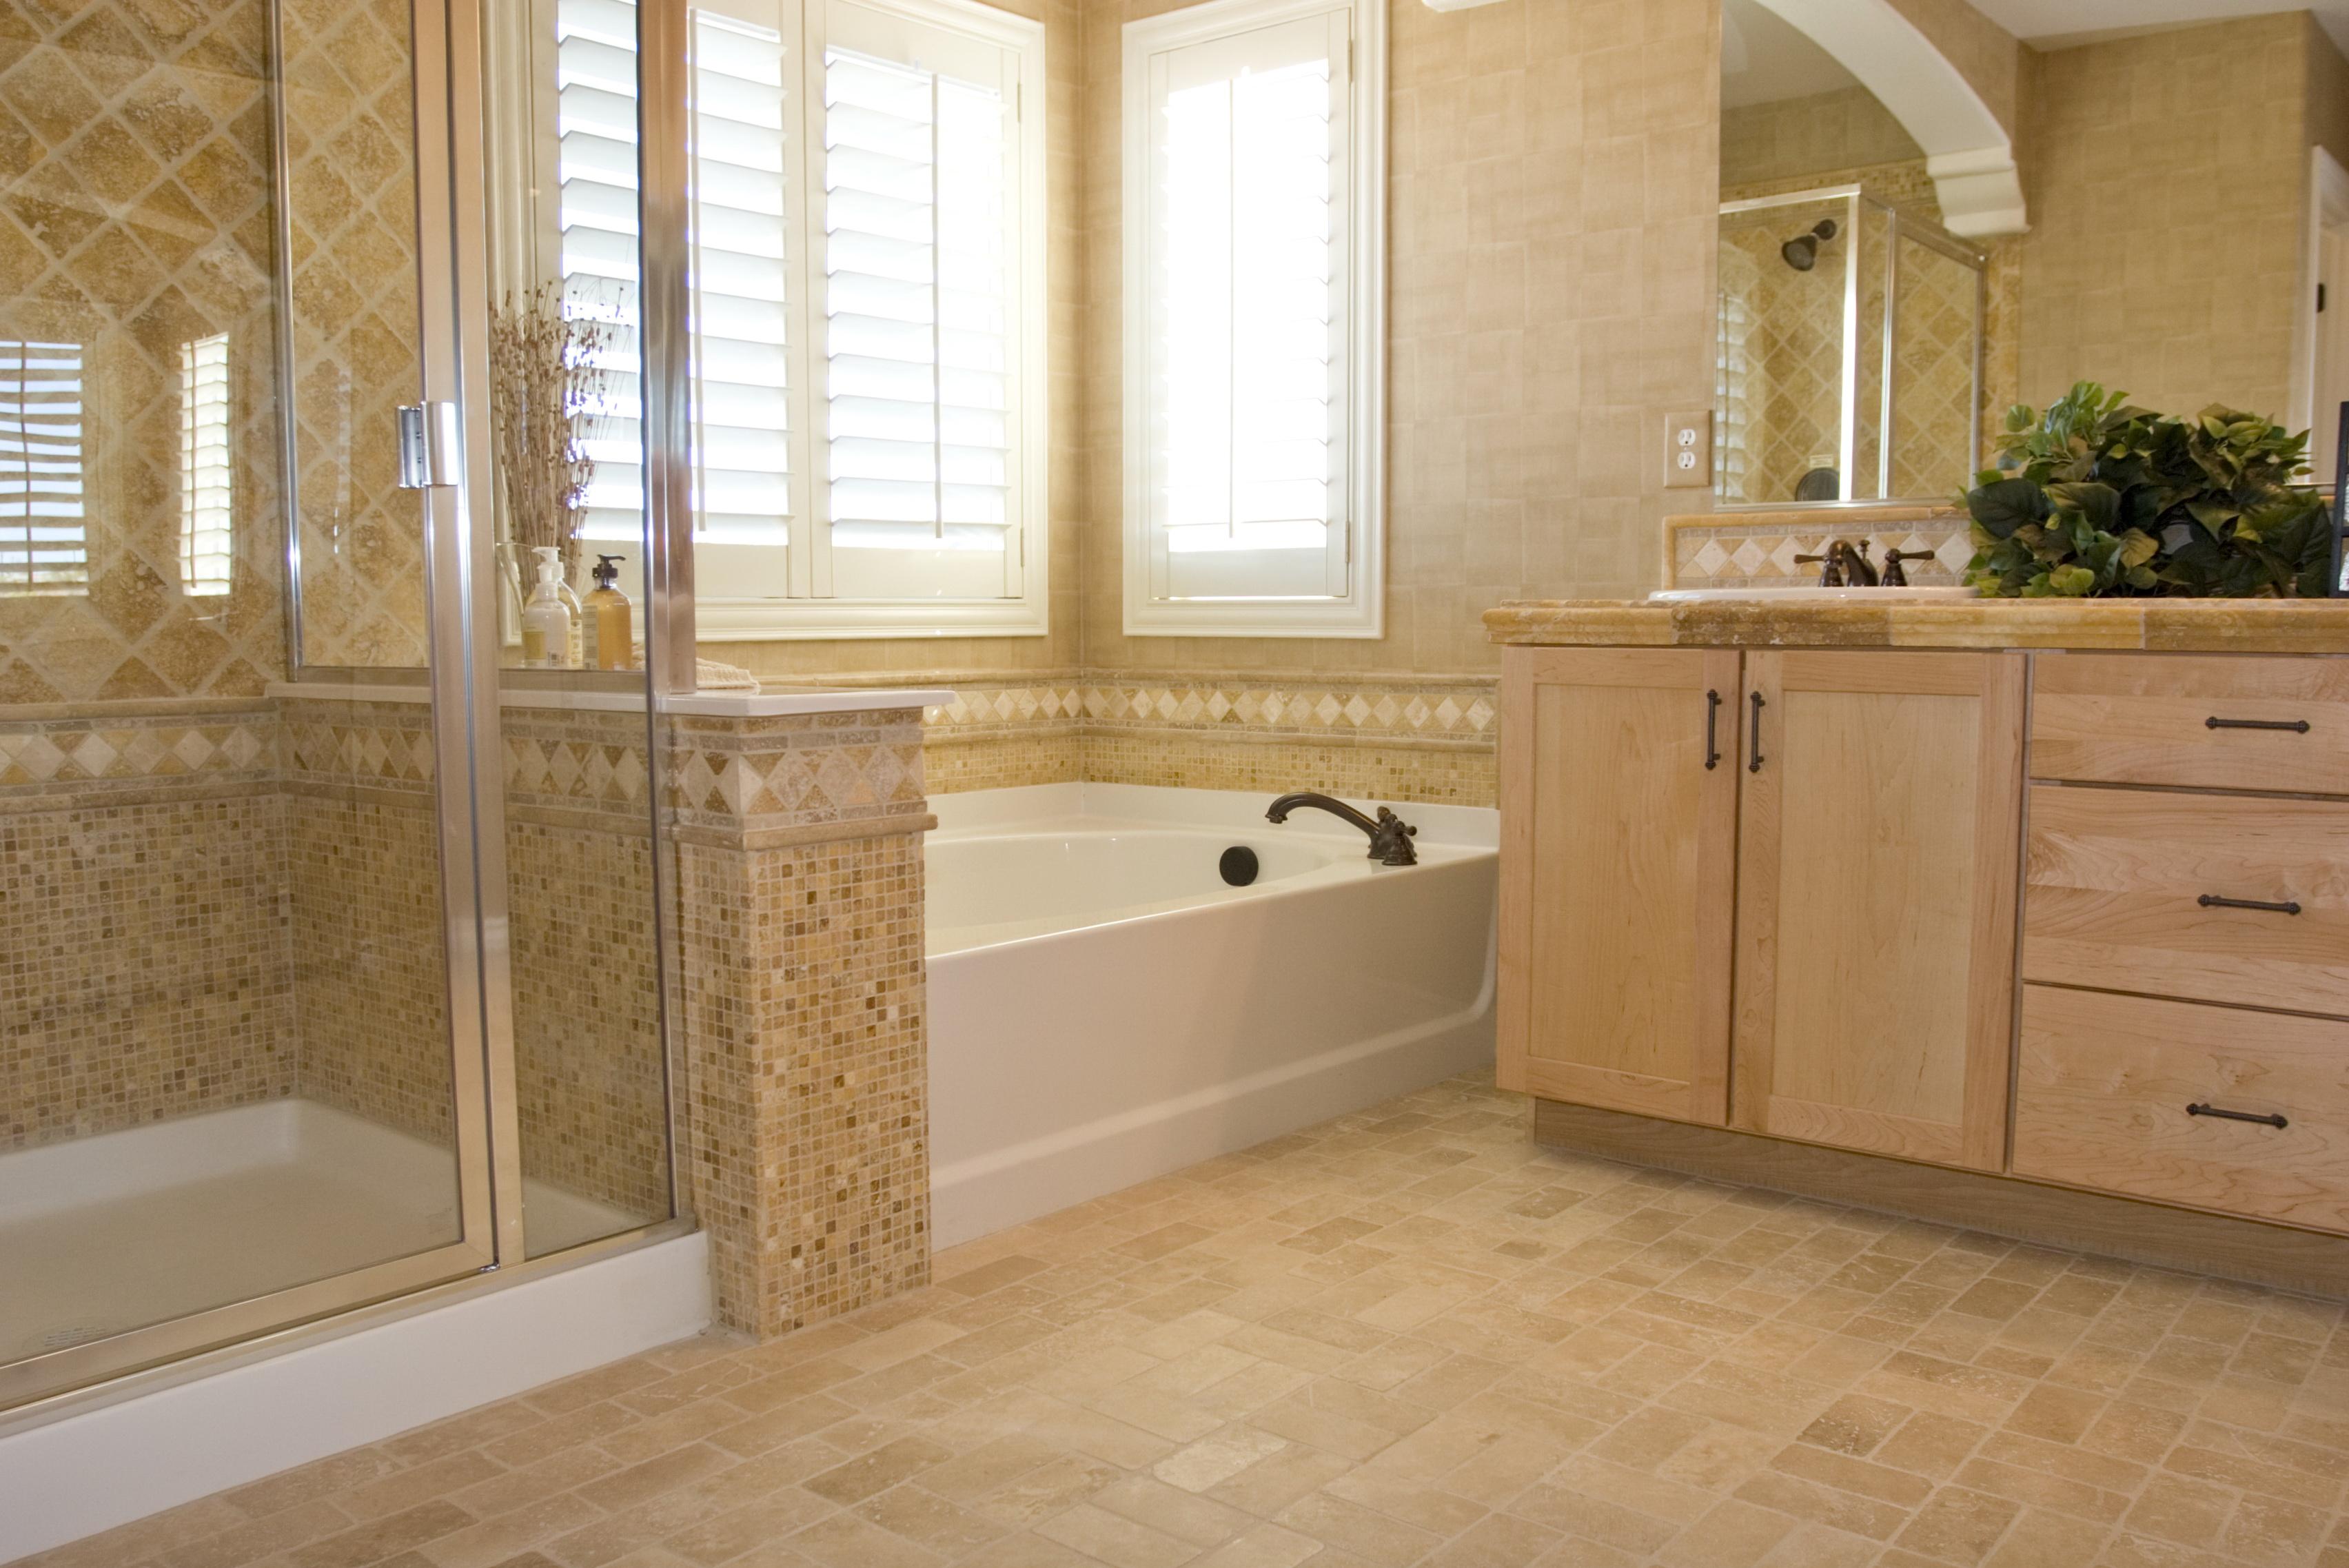 Diy Bathroom Remodeling Steps